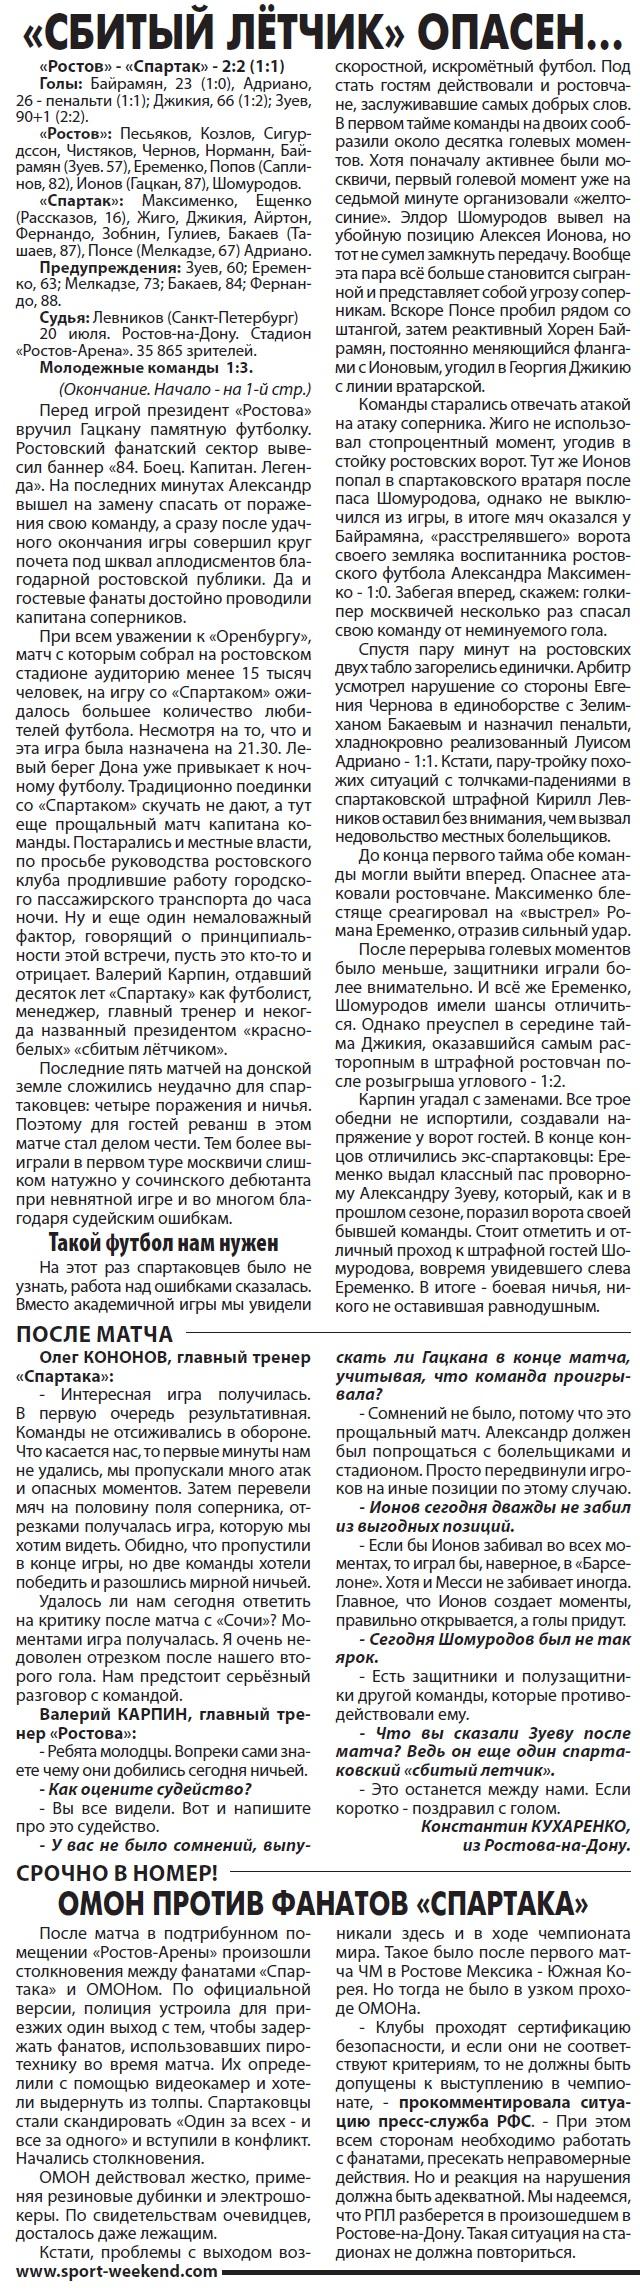 Ростов (Ростов-на-Дону) - Спартак (Москва) 2:2